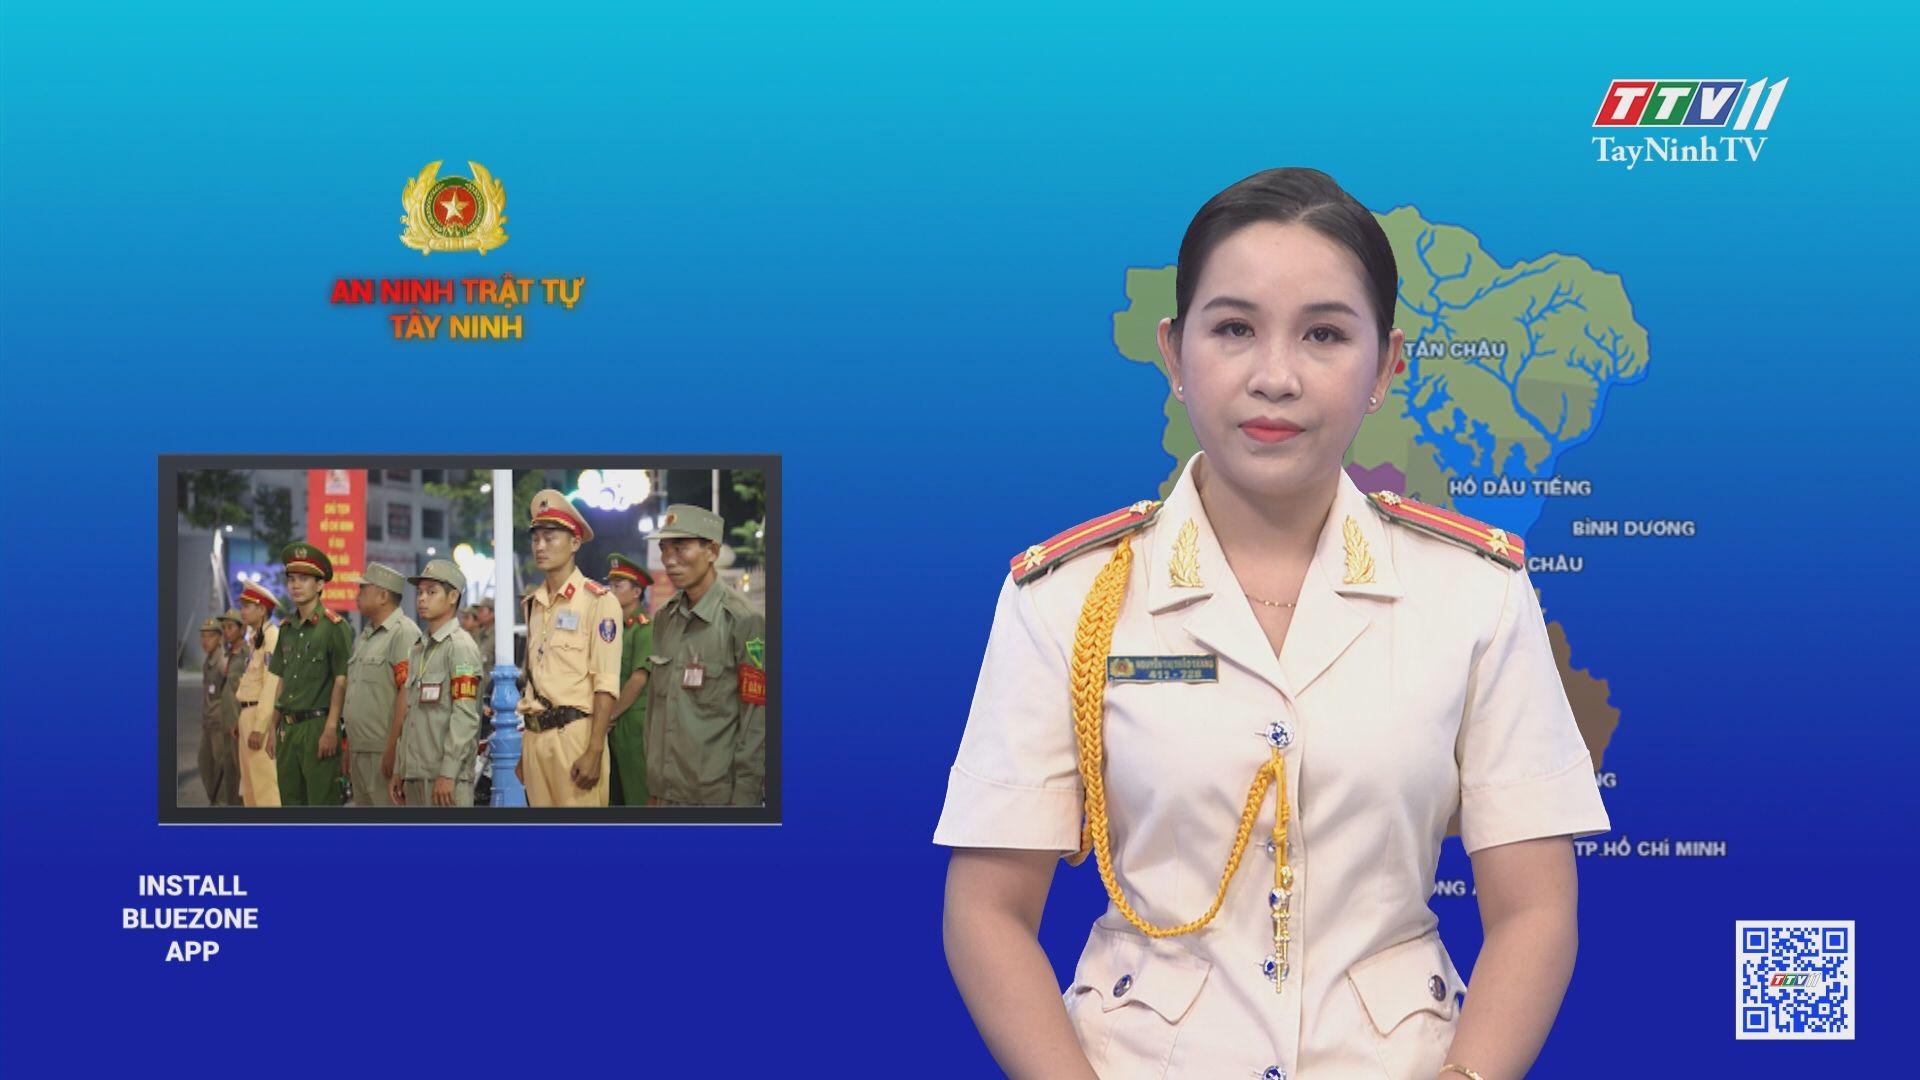 Công an Tây Ninh 10 năm cải cách hành chính để phục vụ nhân dân được tốt hơn | AN NINH TRẬT TỰ | TayNinhTV